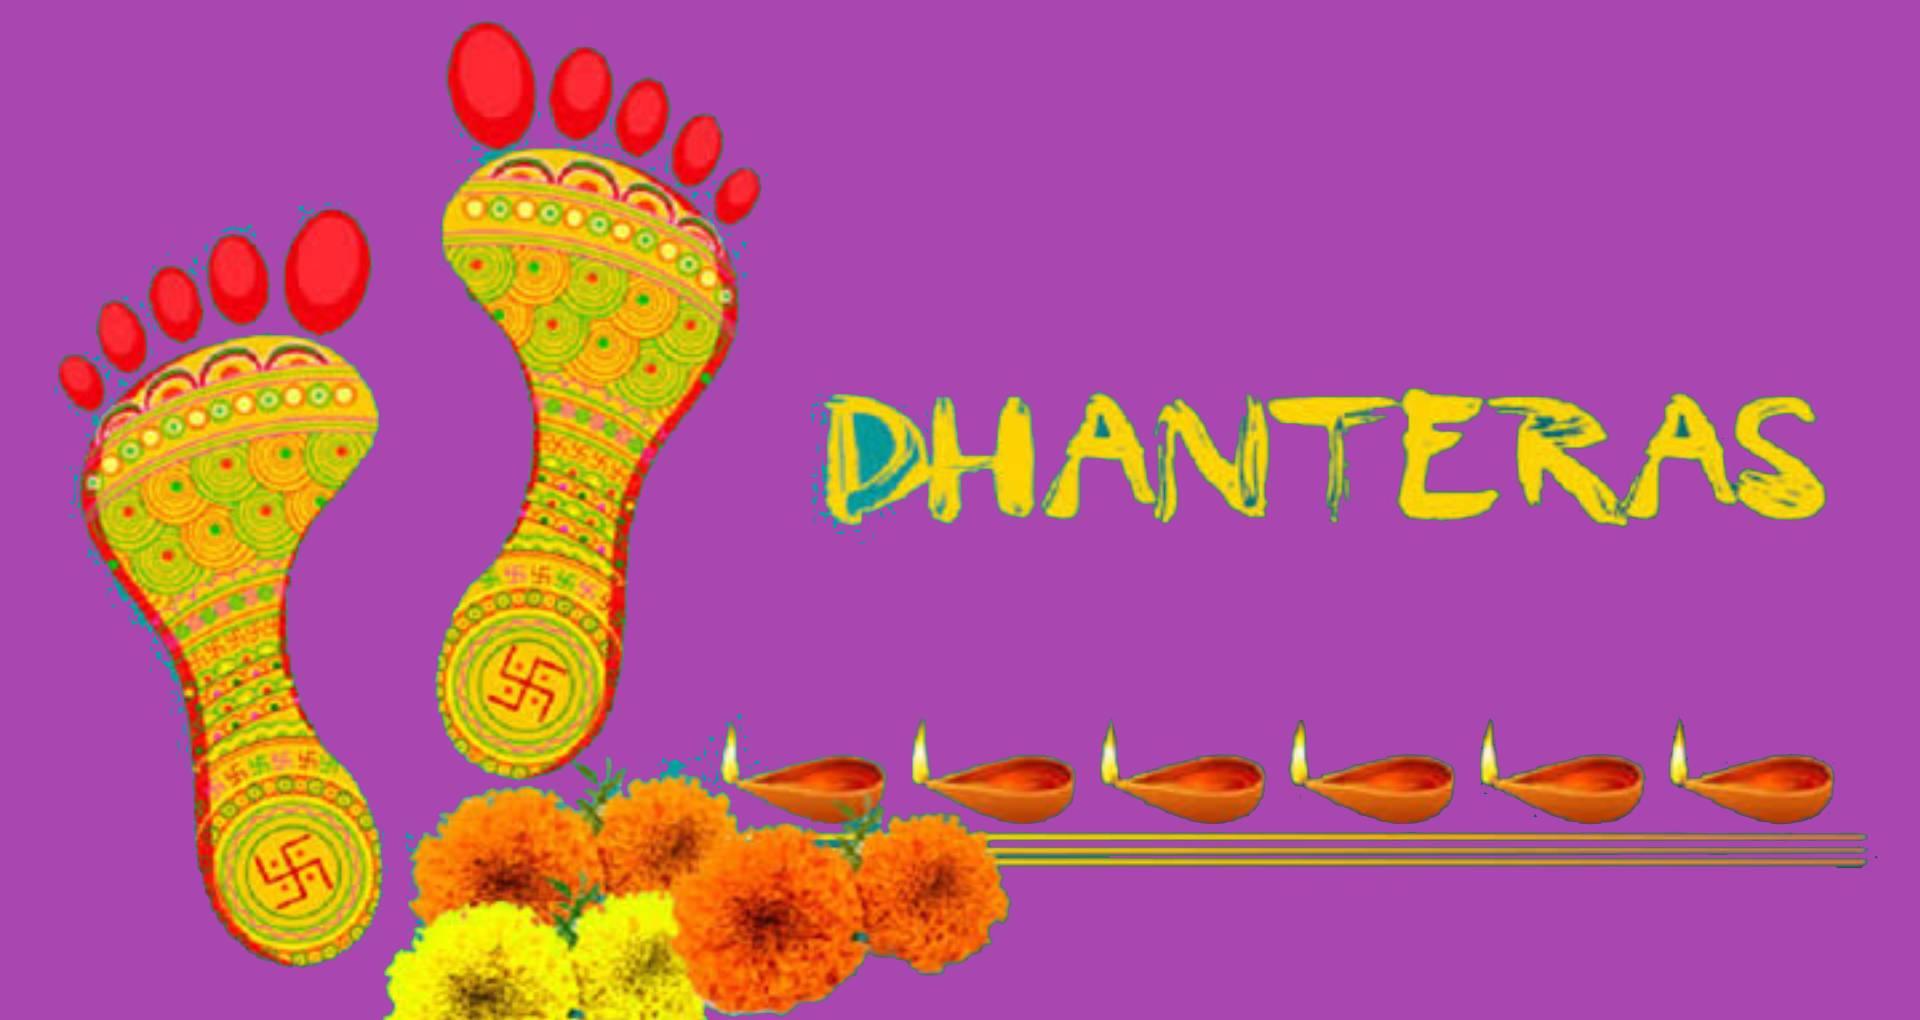 Happy Dhanteras 2019 Wishes: धनतेरस के दिन अपने दोस्तों और रिश्तेदारों को इन मैसेज के साथ करें विश